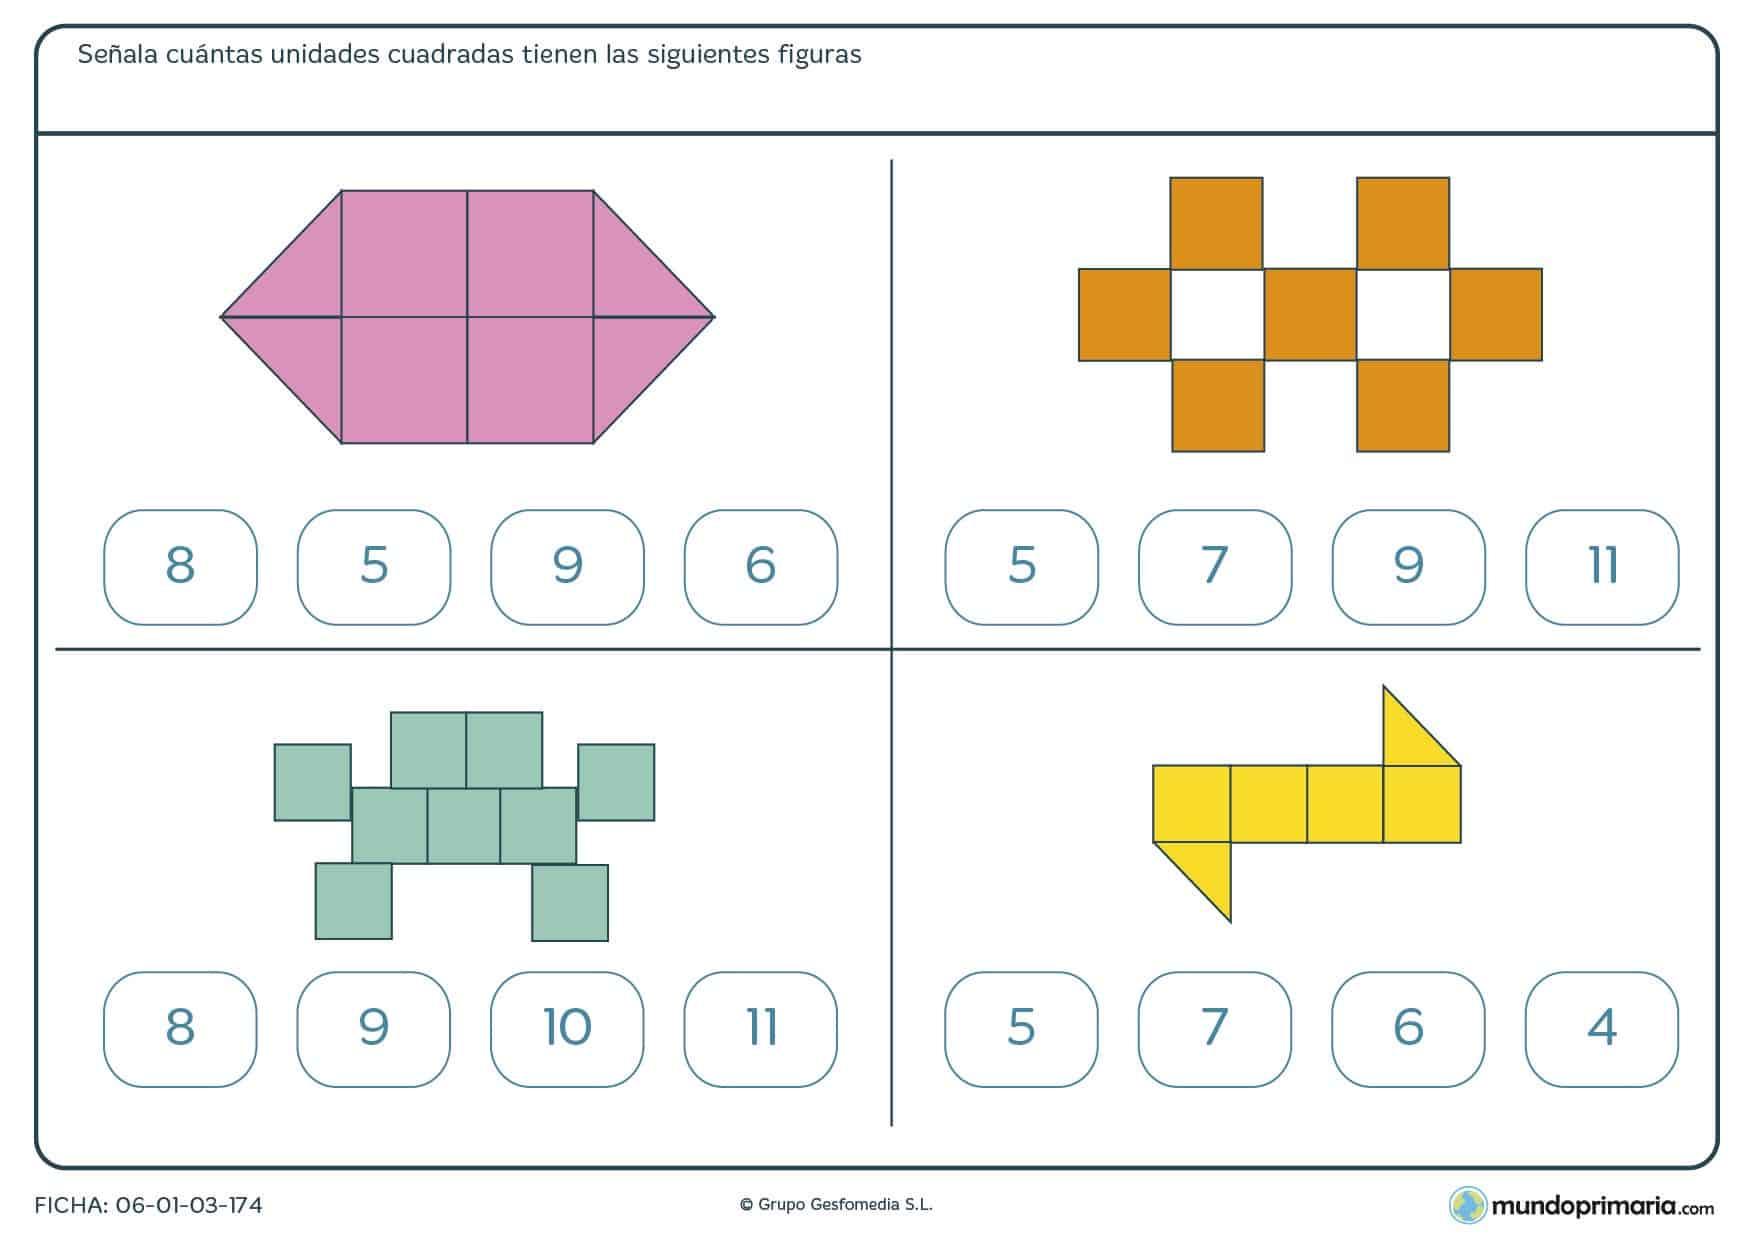 Ficha de cuadros de figuras en la que has de contar y agrupar cuadrados para hallar el número total.